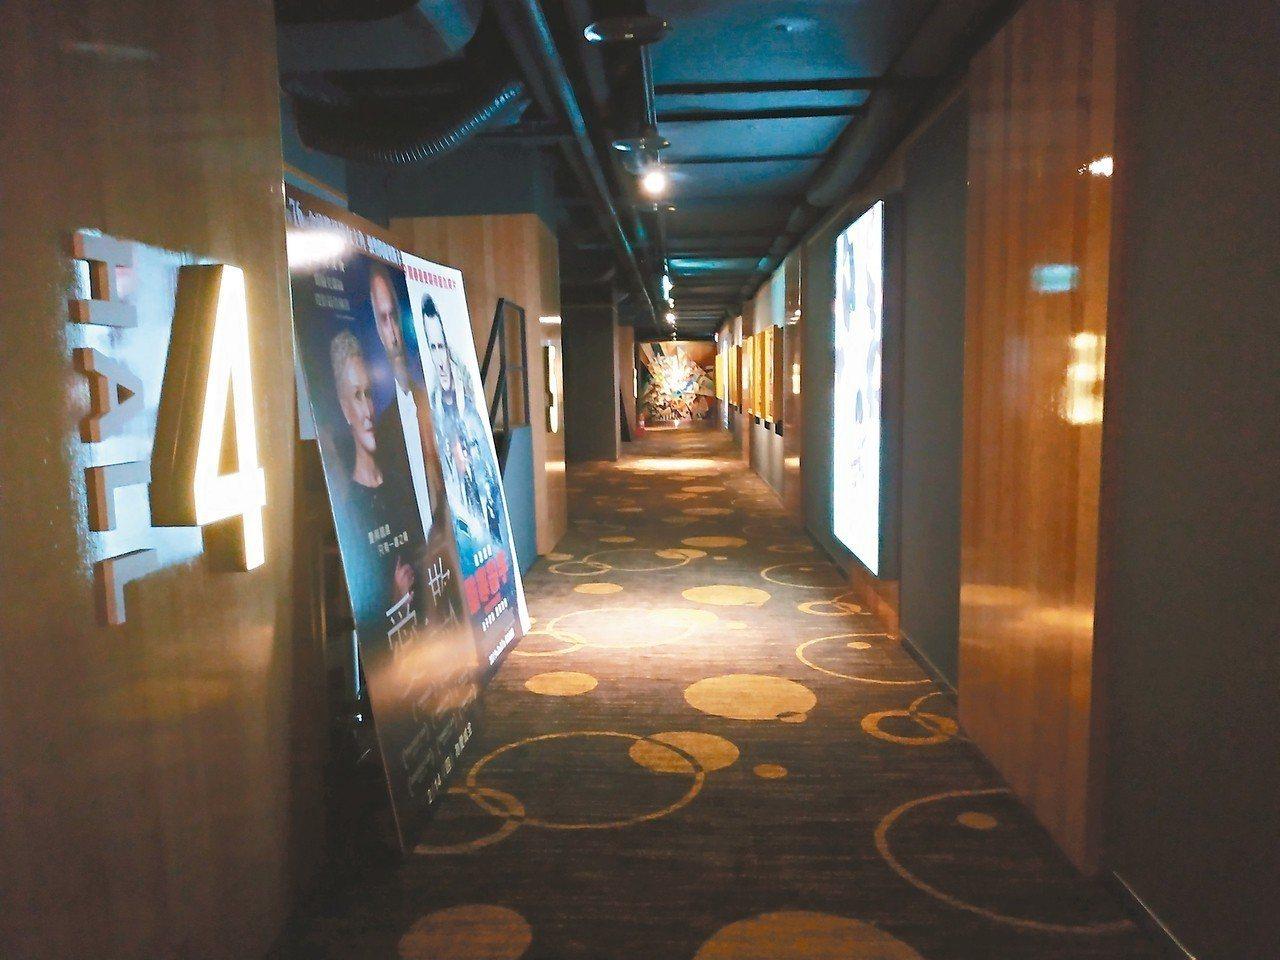 張西西從大陸的觀點分析,台灣電影院有7個優點,特別是優秀的觀影氛圍,讓他直嘆「真...